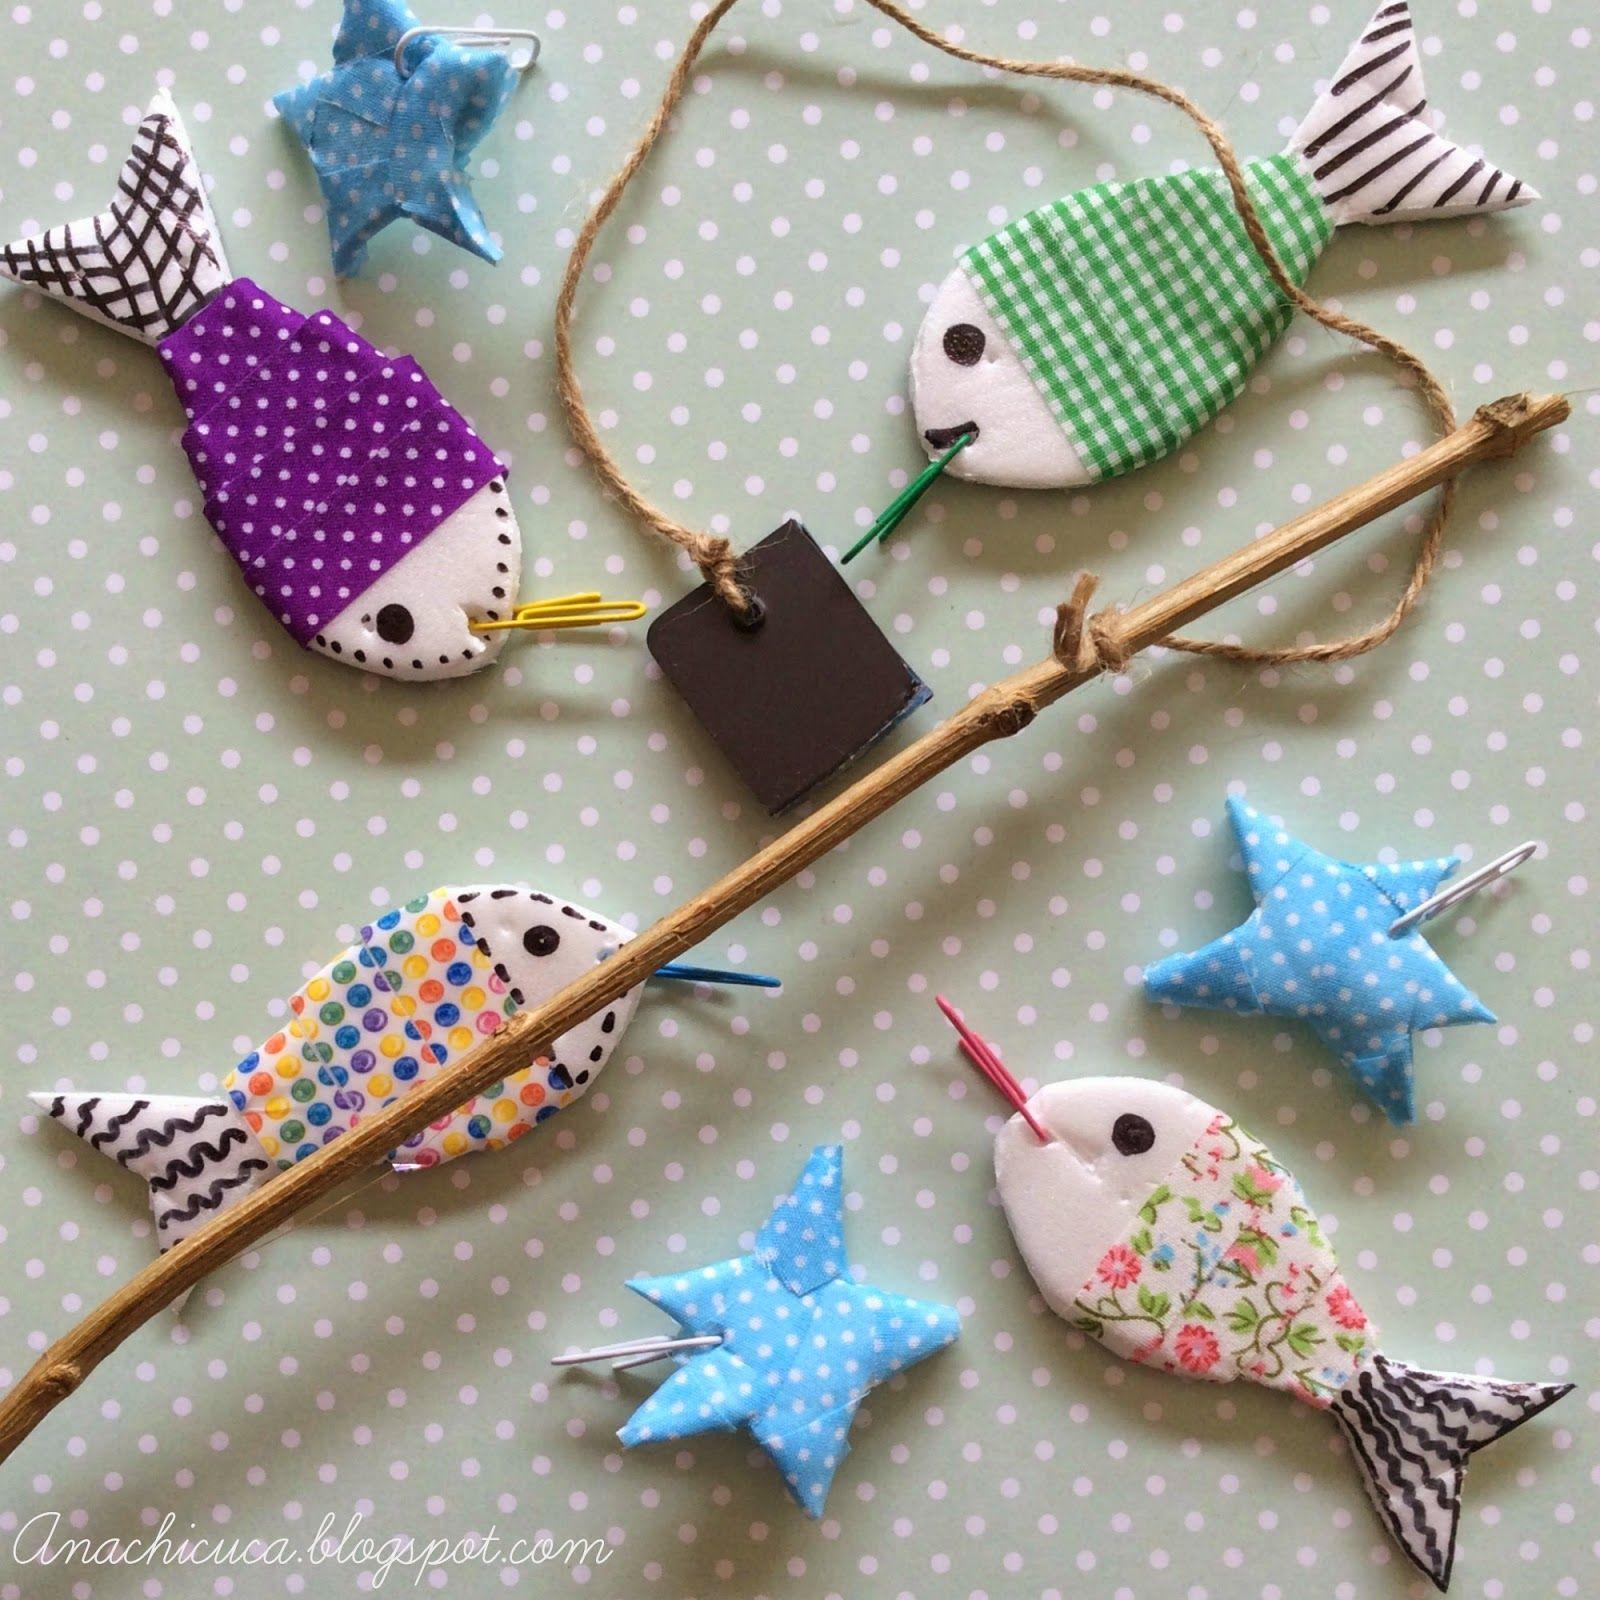 Anachicuca Caña Peces Y Estrellas Juegos De Pesca Para Niños Juegos De Fiesta Para Niños Manualidades